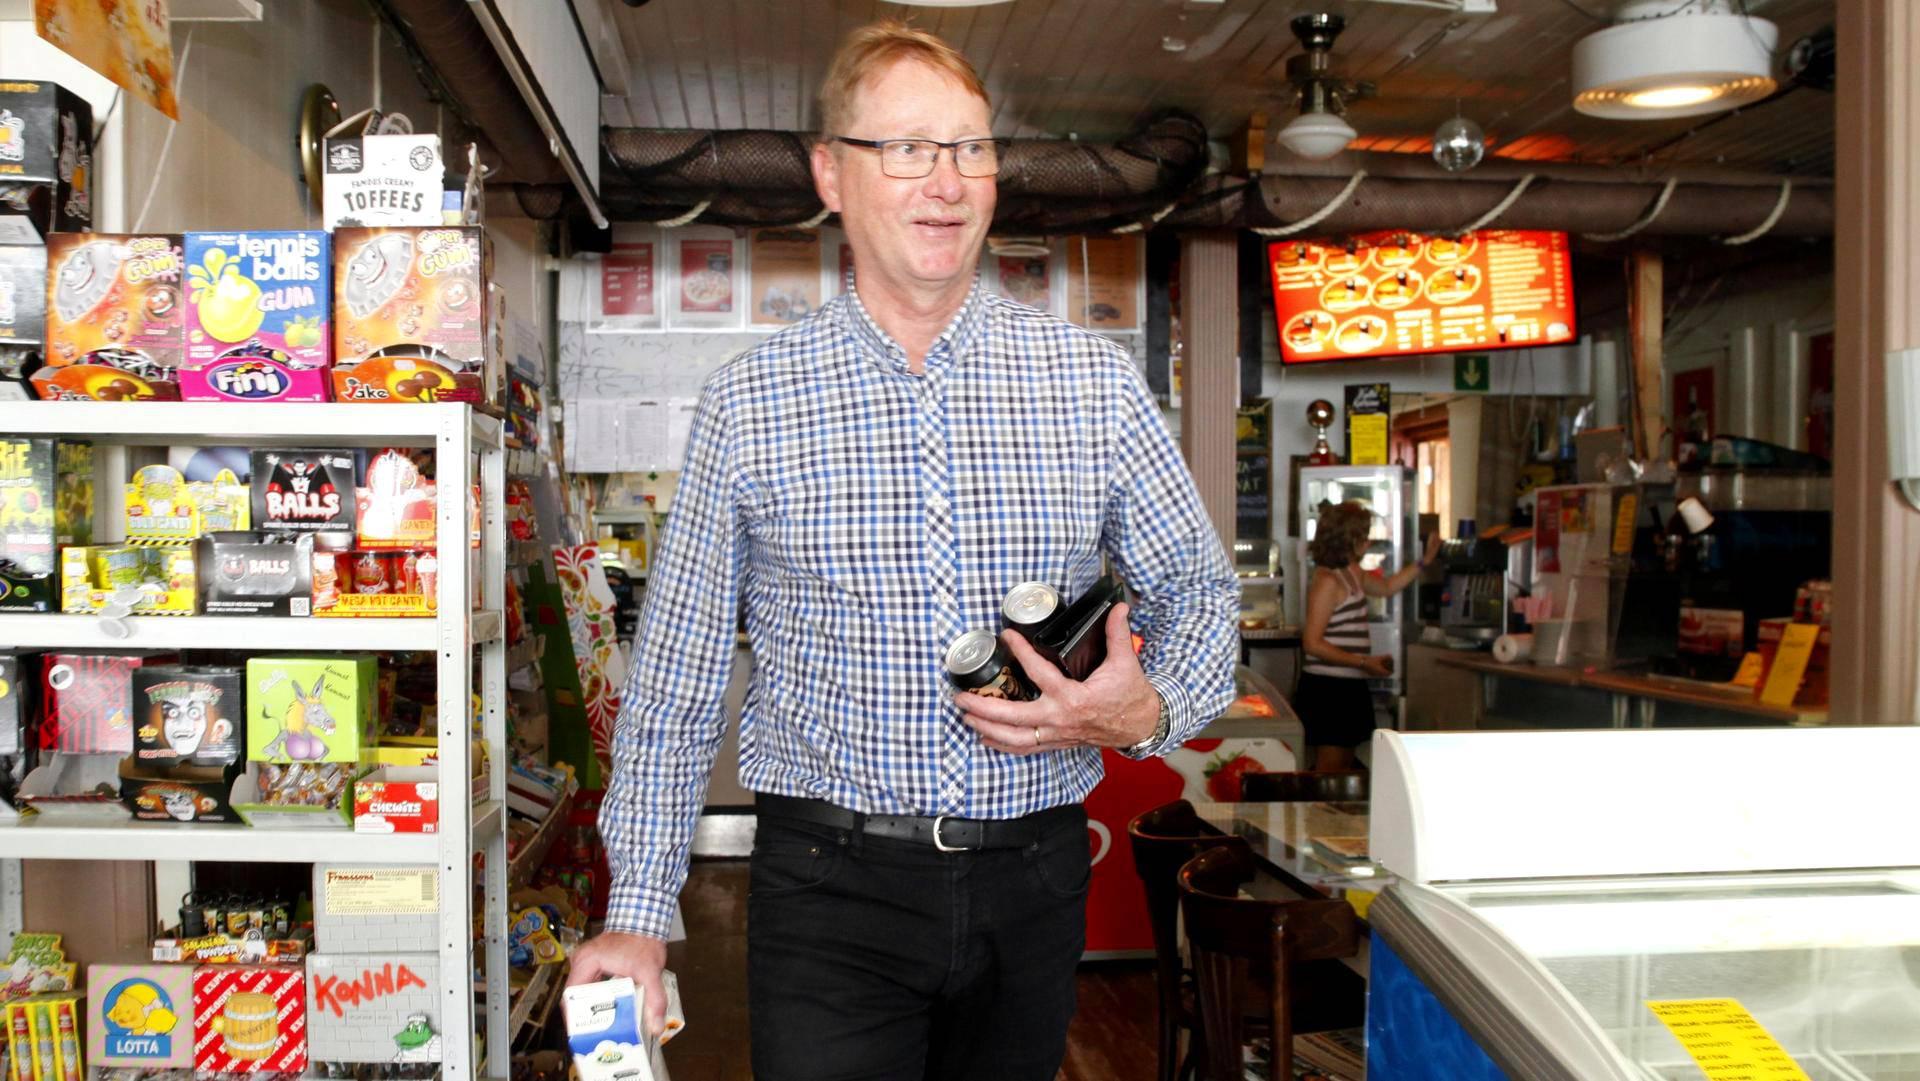 Jari Väinölä kävi hakemassa elintarviketäydennyksiä Alvettulan kyläkaupasta matkalla mökilleen.